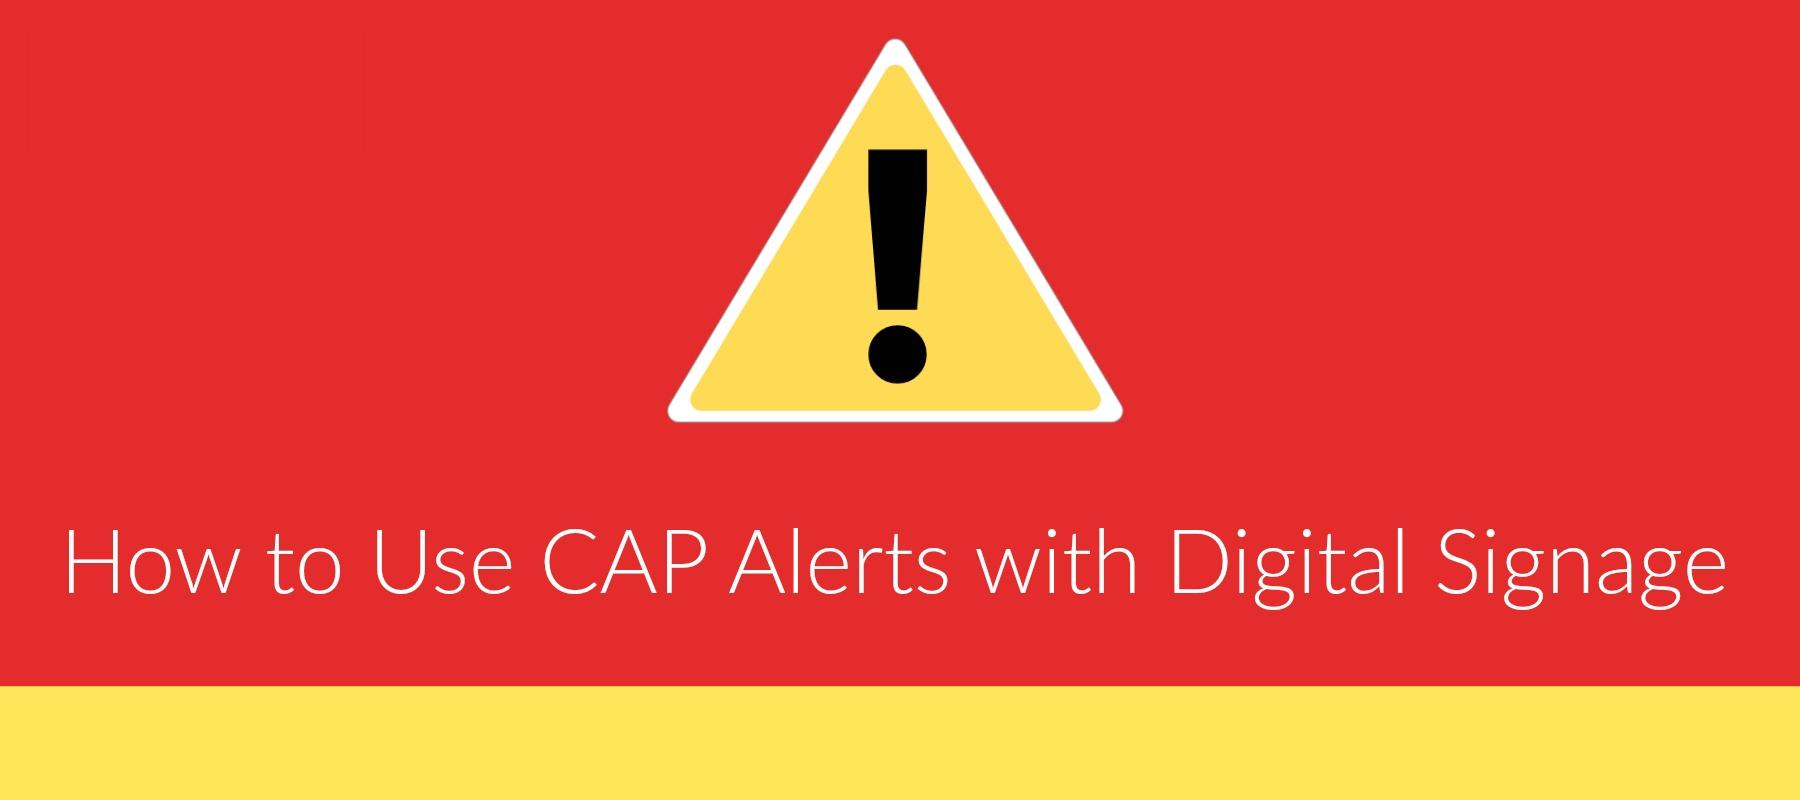 CAP Alerts